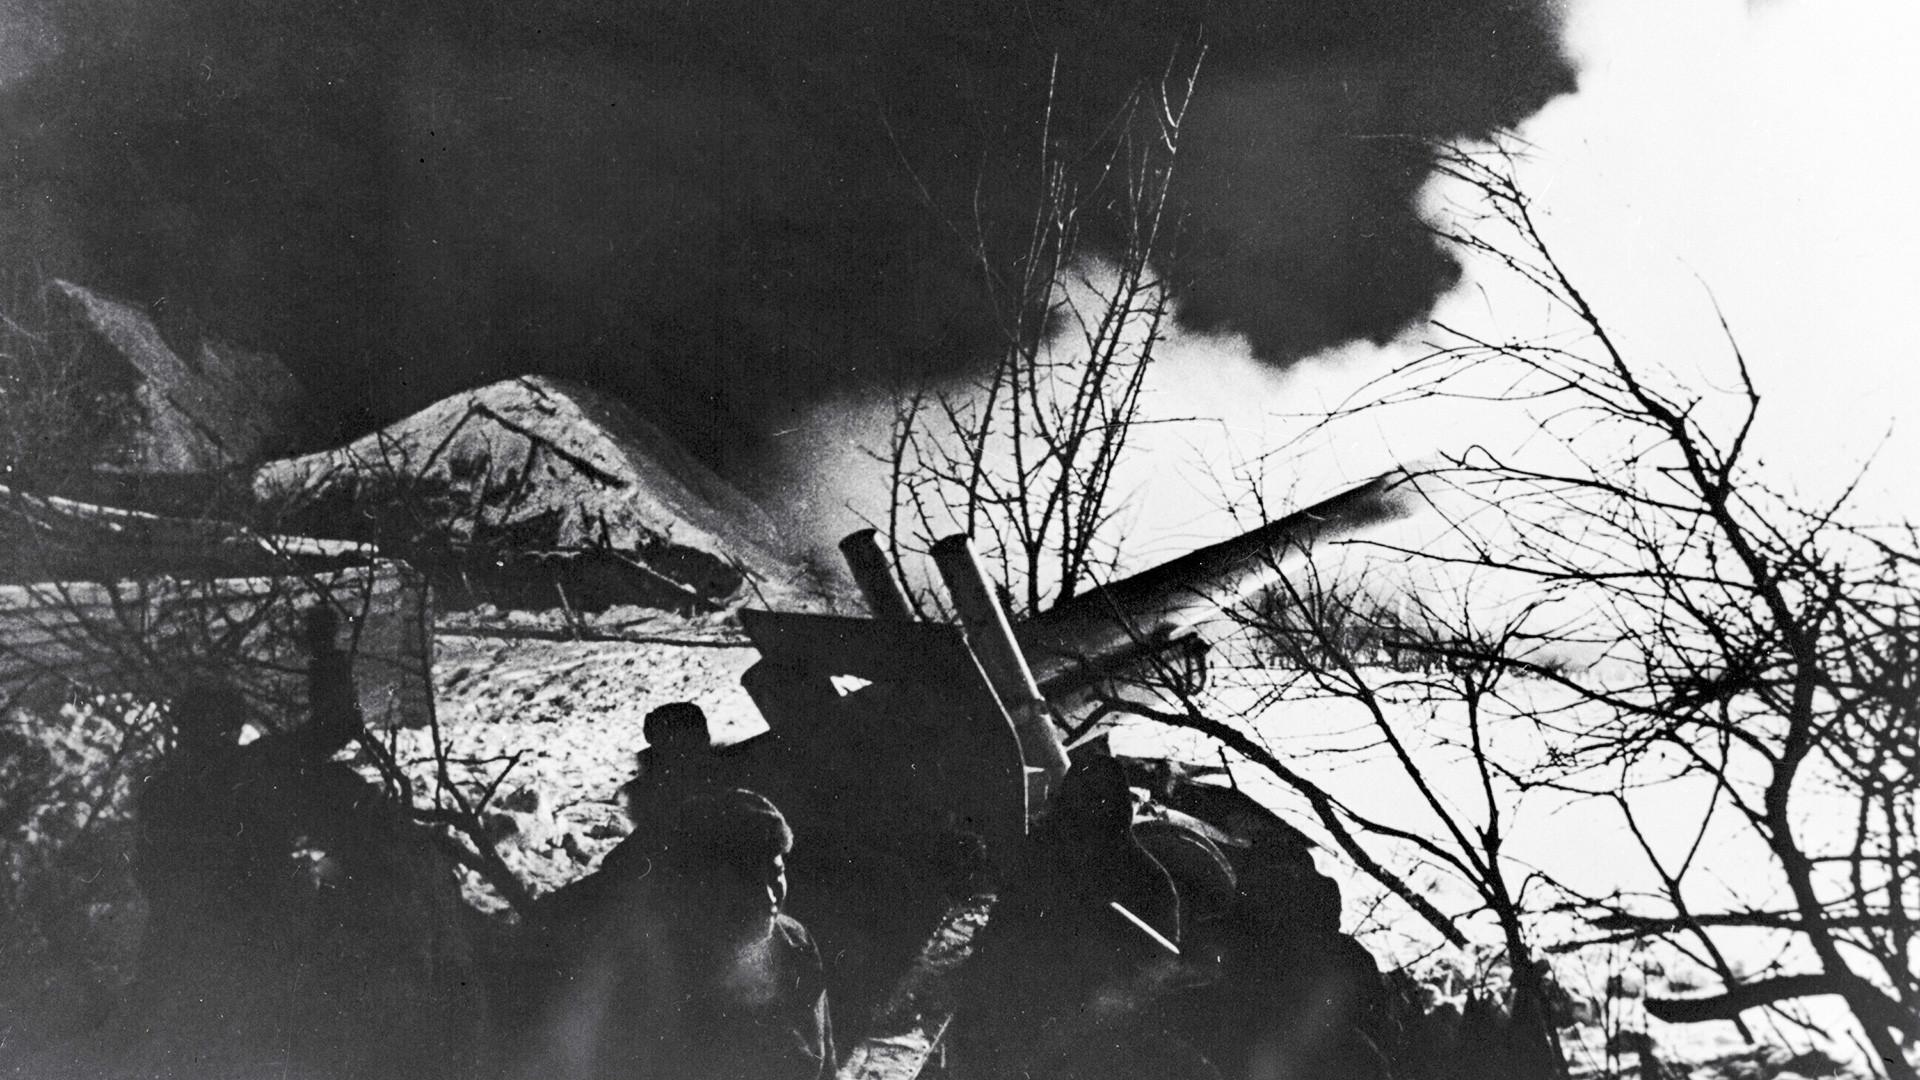 Sowjetische Artillerie bei Moskau im November 1941.